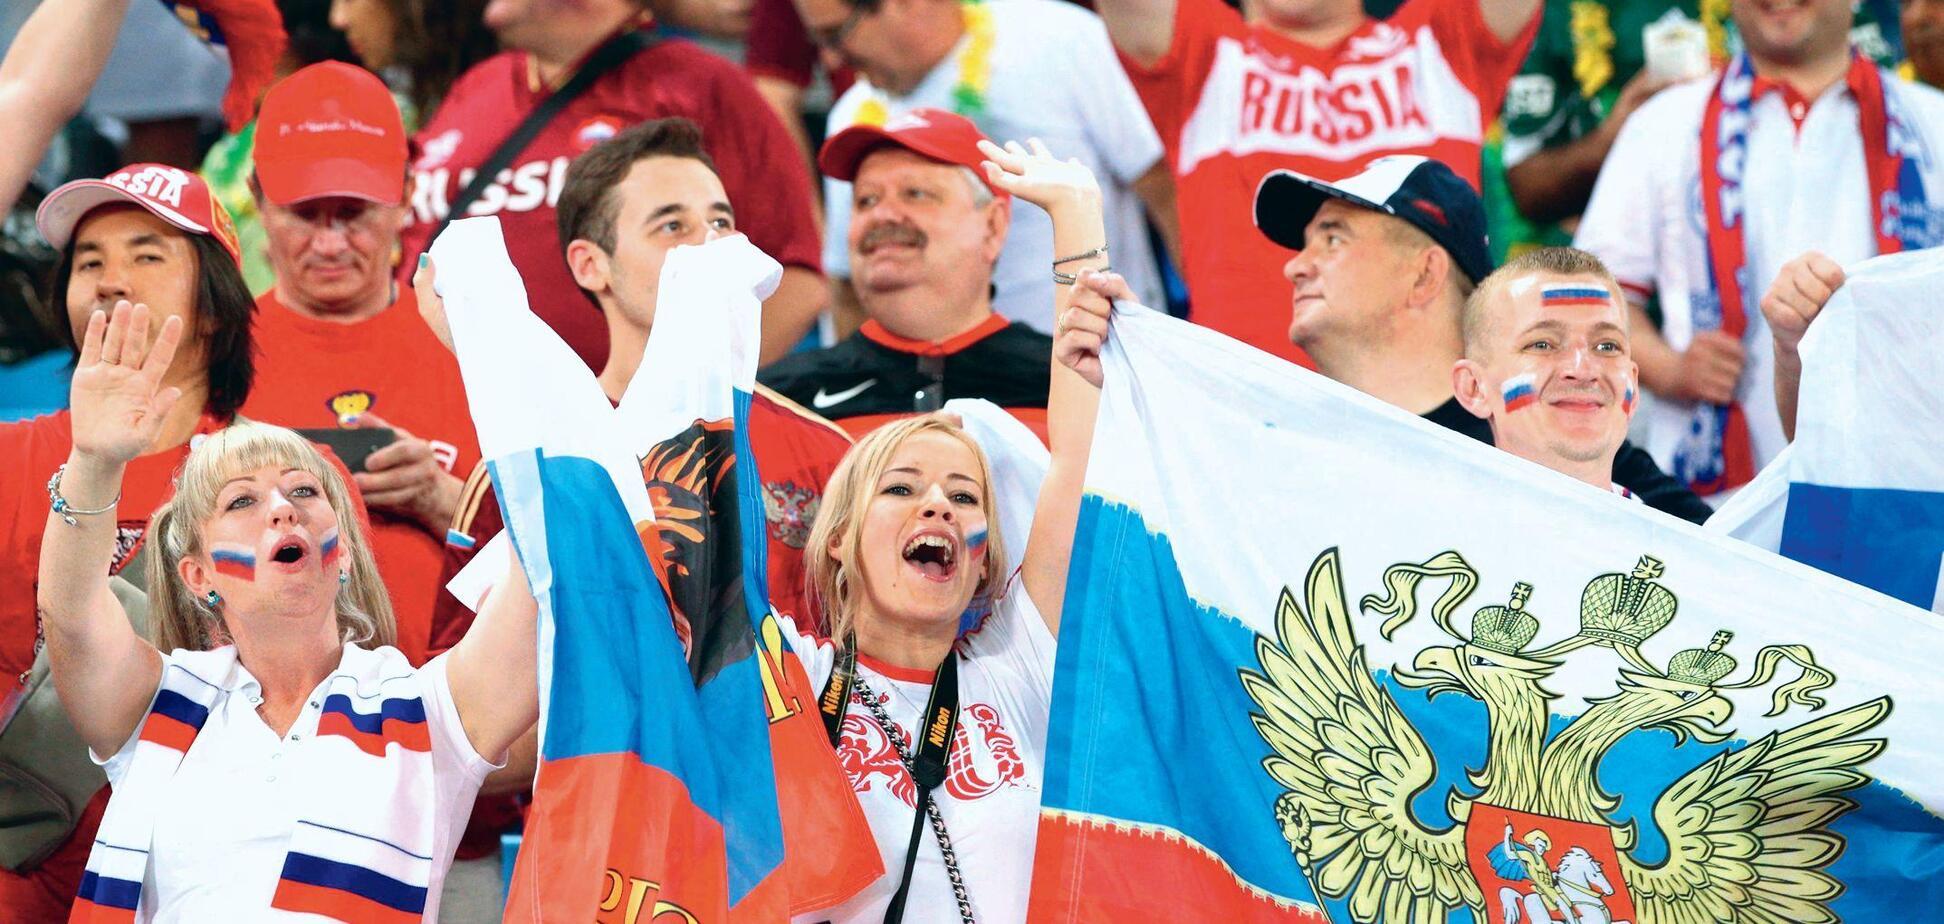 'Зачем зиговать?' Появилось показательное фото с российскими болельщиками на ЧМ-2018